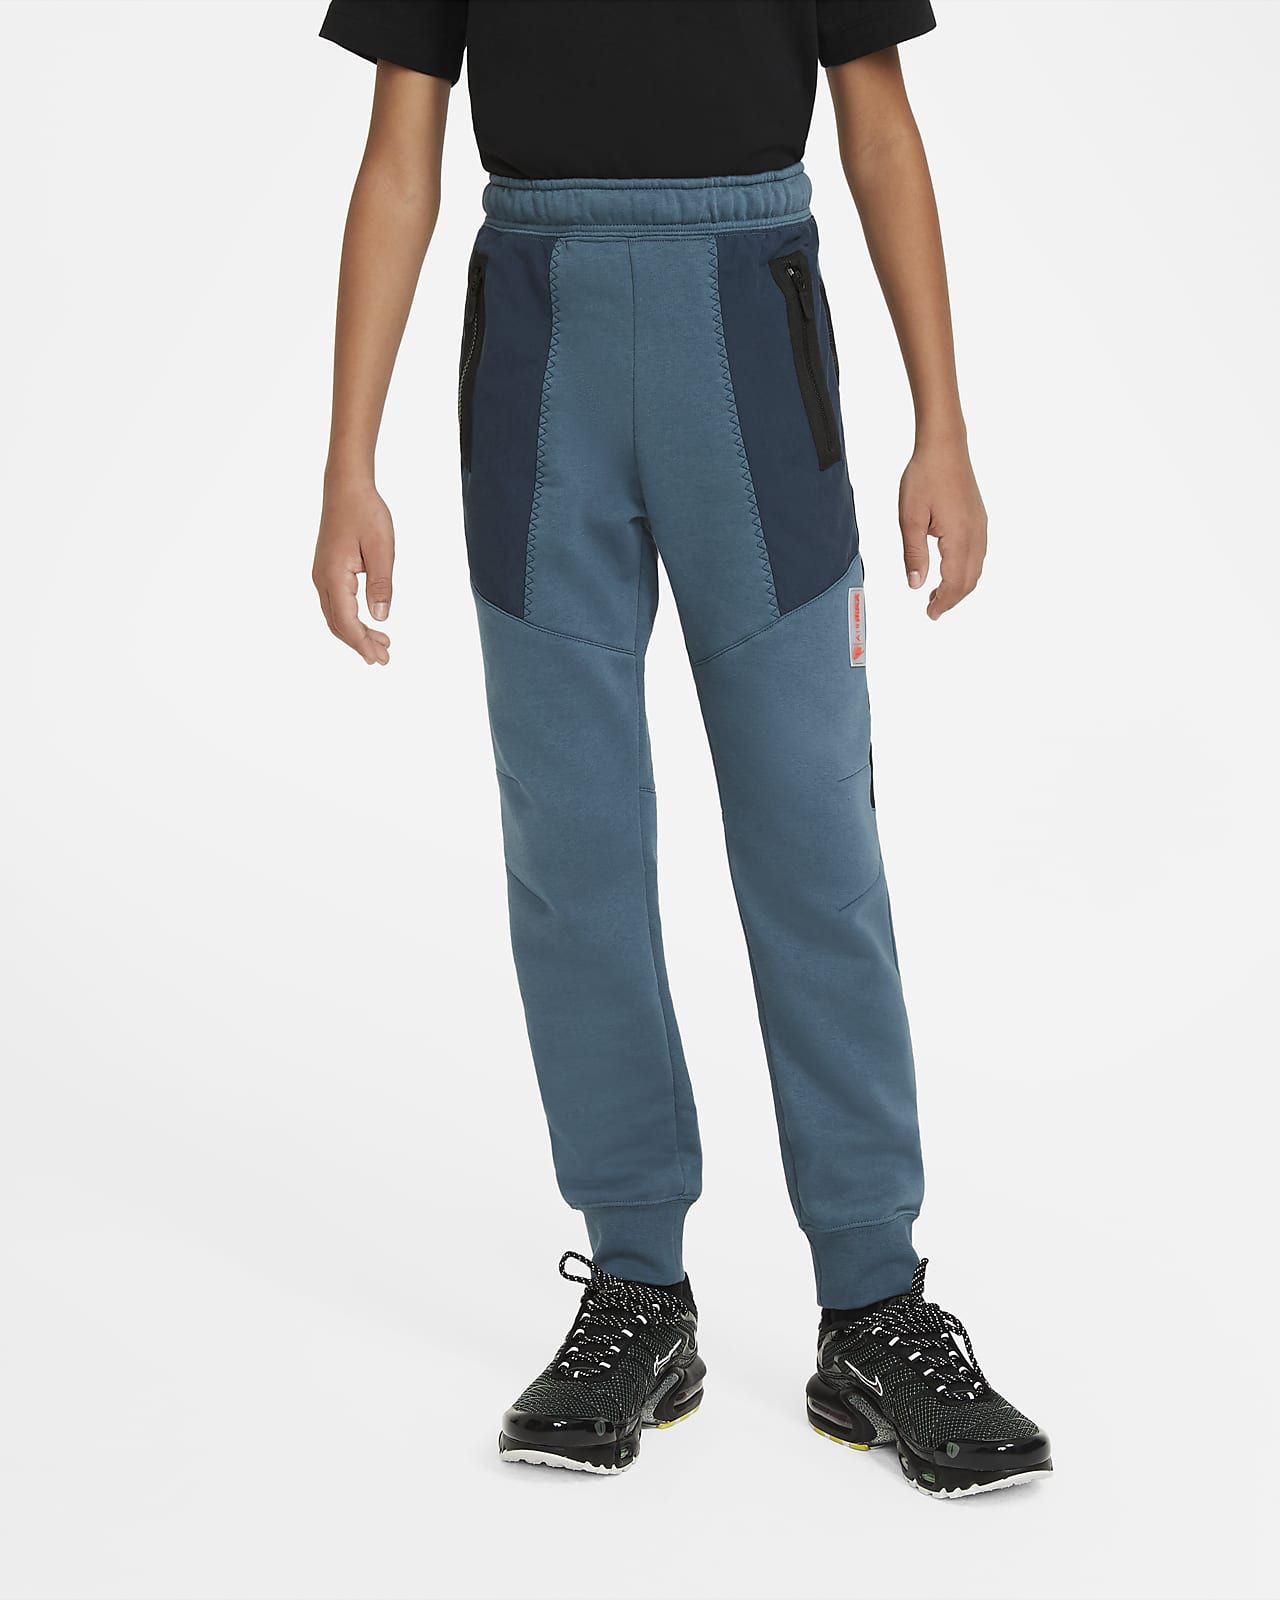 Флисовые брюки для мальчиков школьного возраста Nike Sportswear Air Max